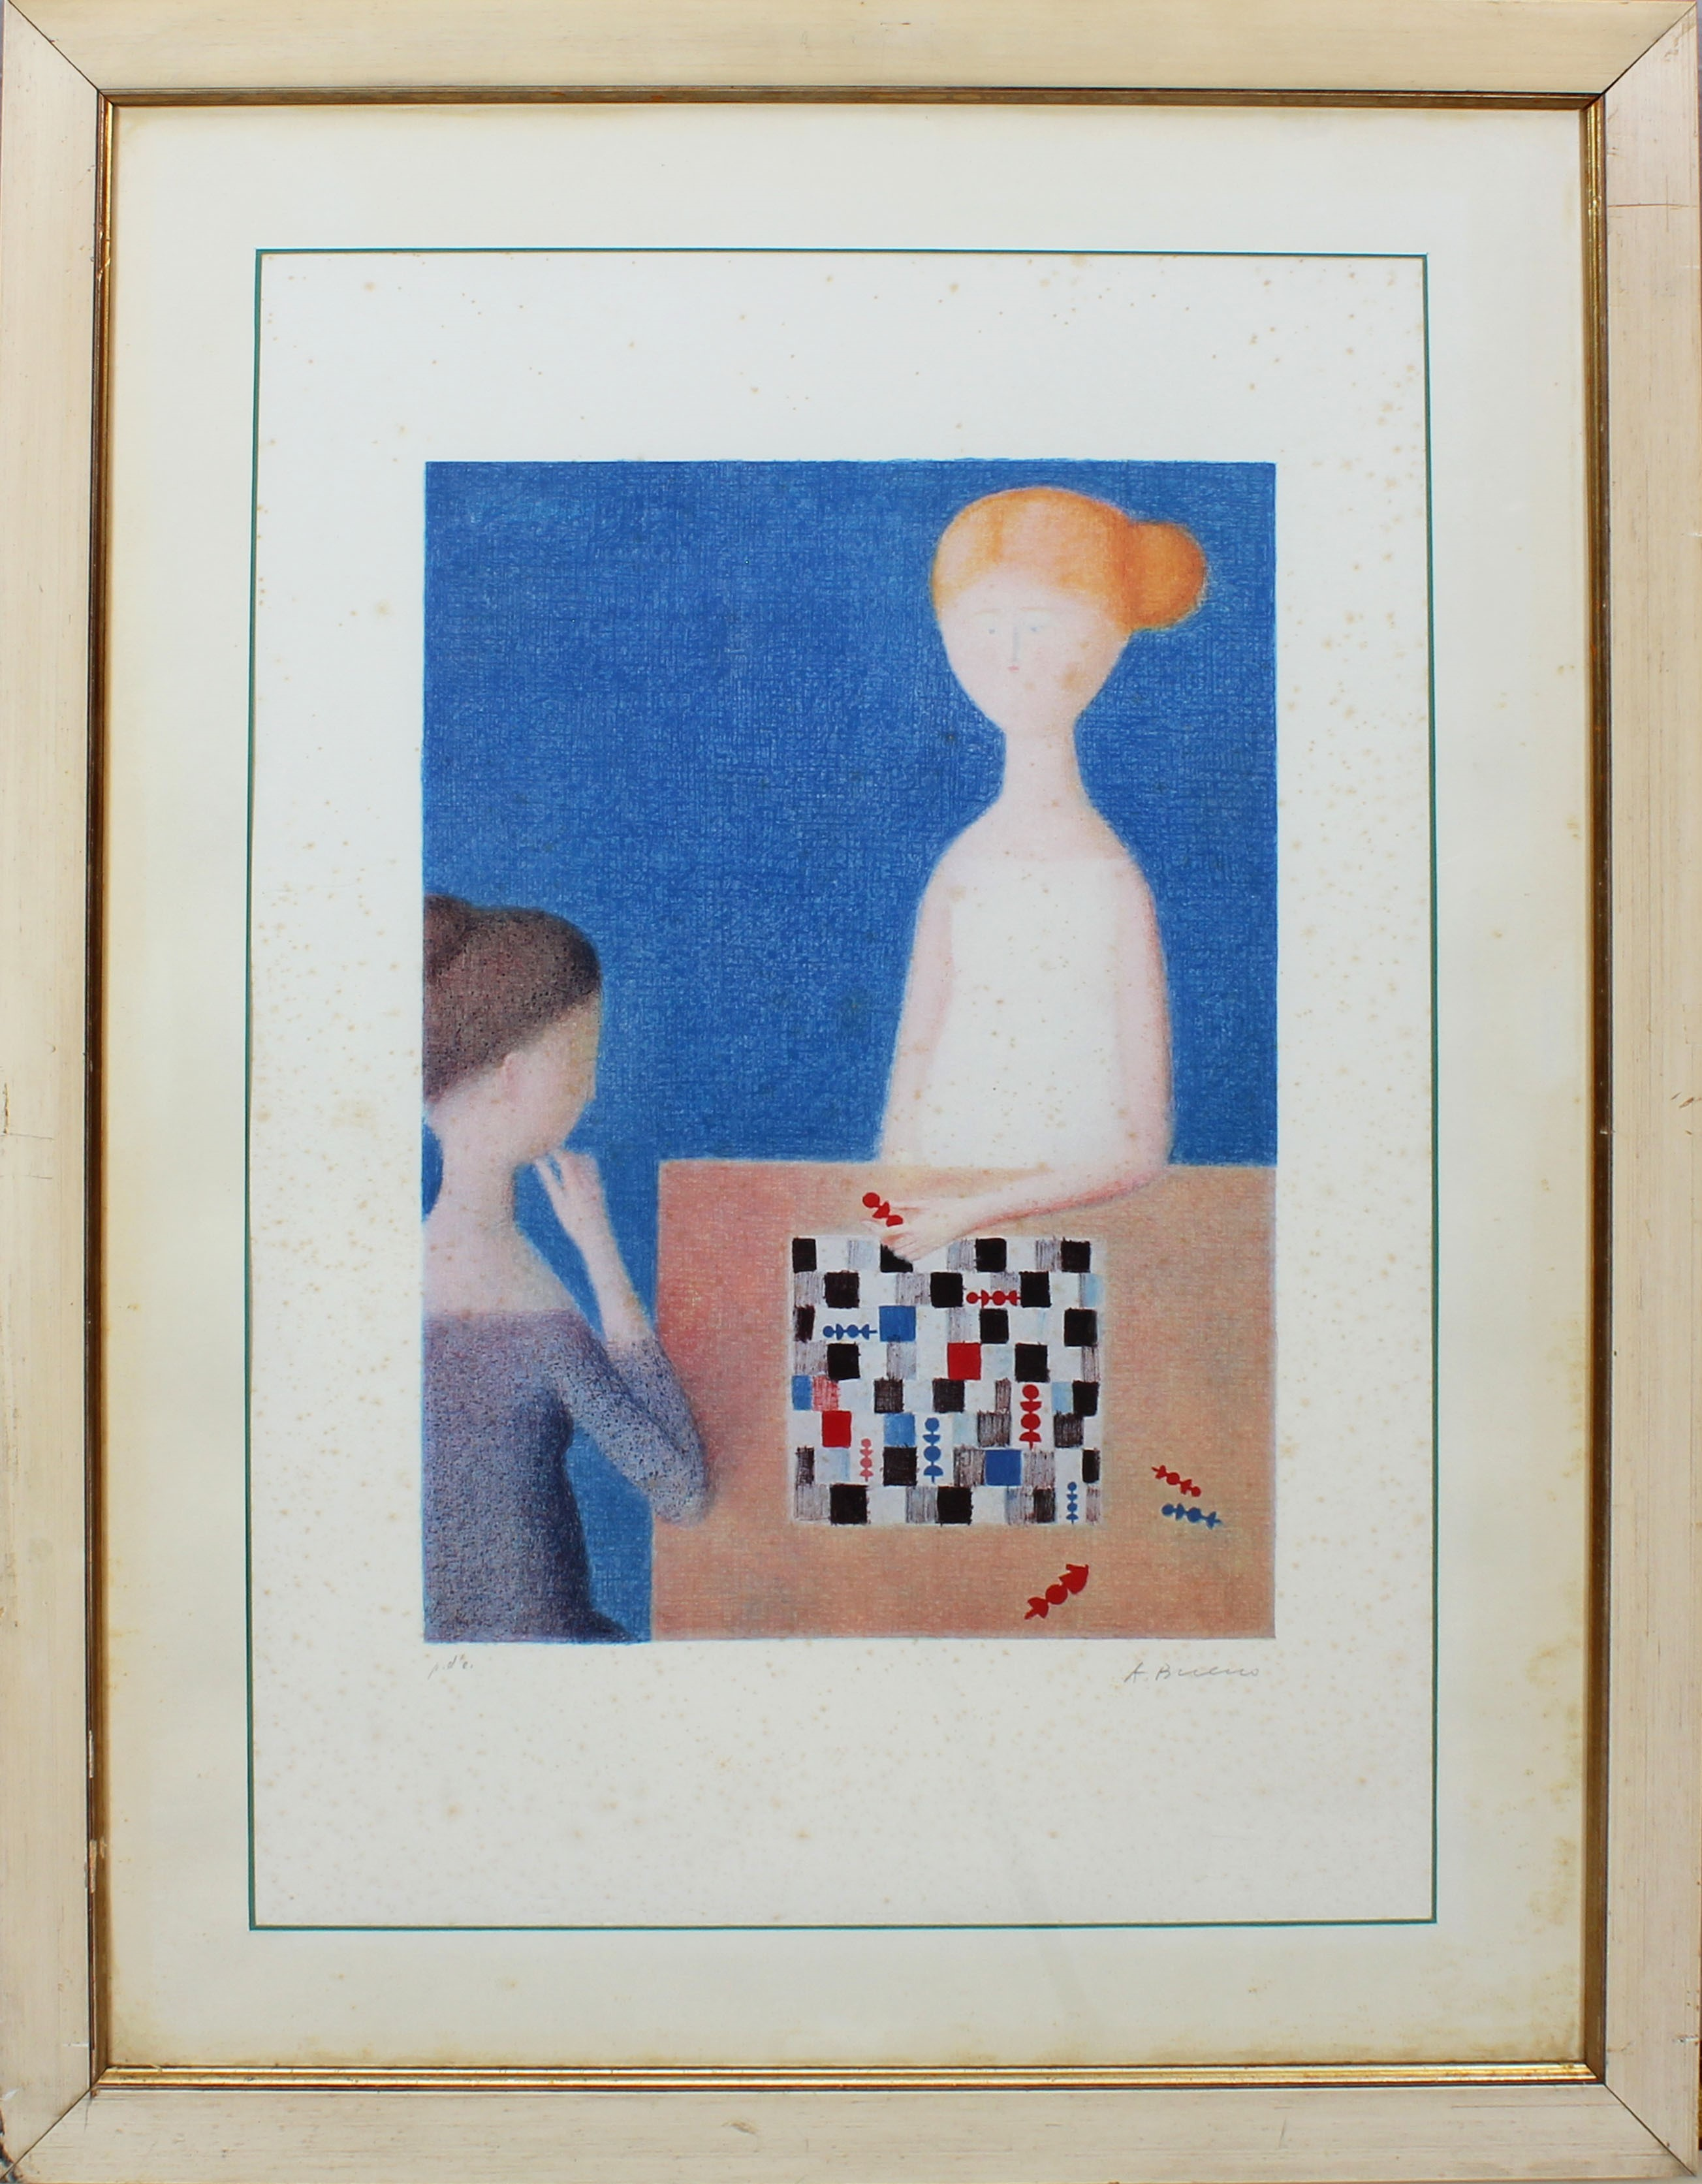 Lot 11 - Gioco degli scacchi, grafica, P.d.A., firmata A. Bueno, cm. 46x65